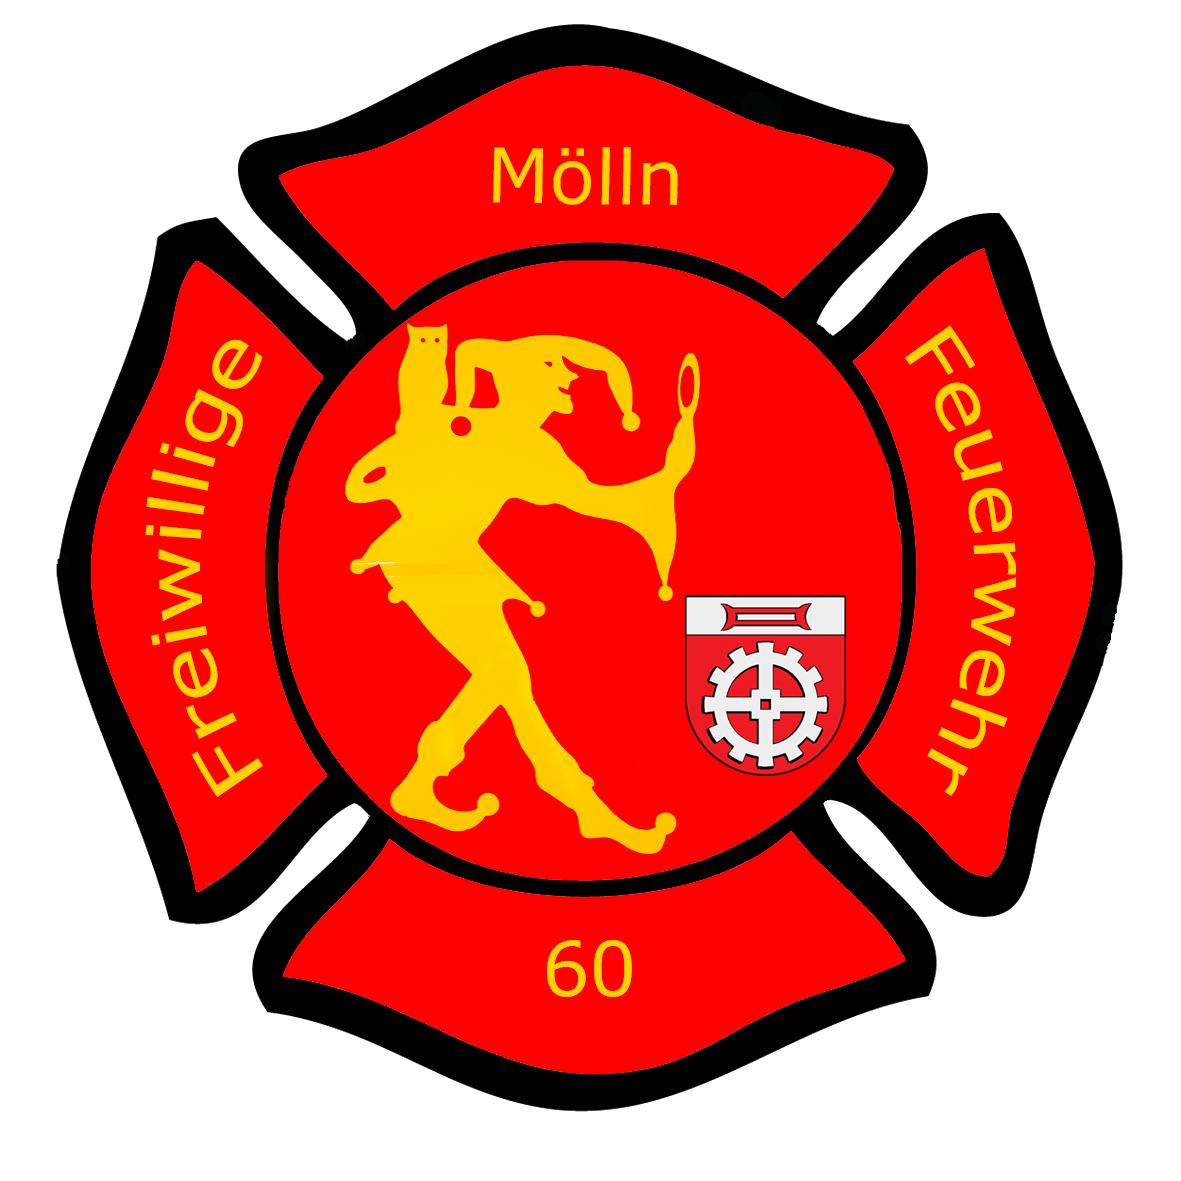 Freiwillige Feuerwehr Mölln